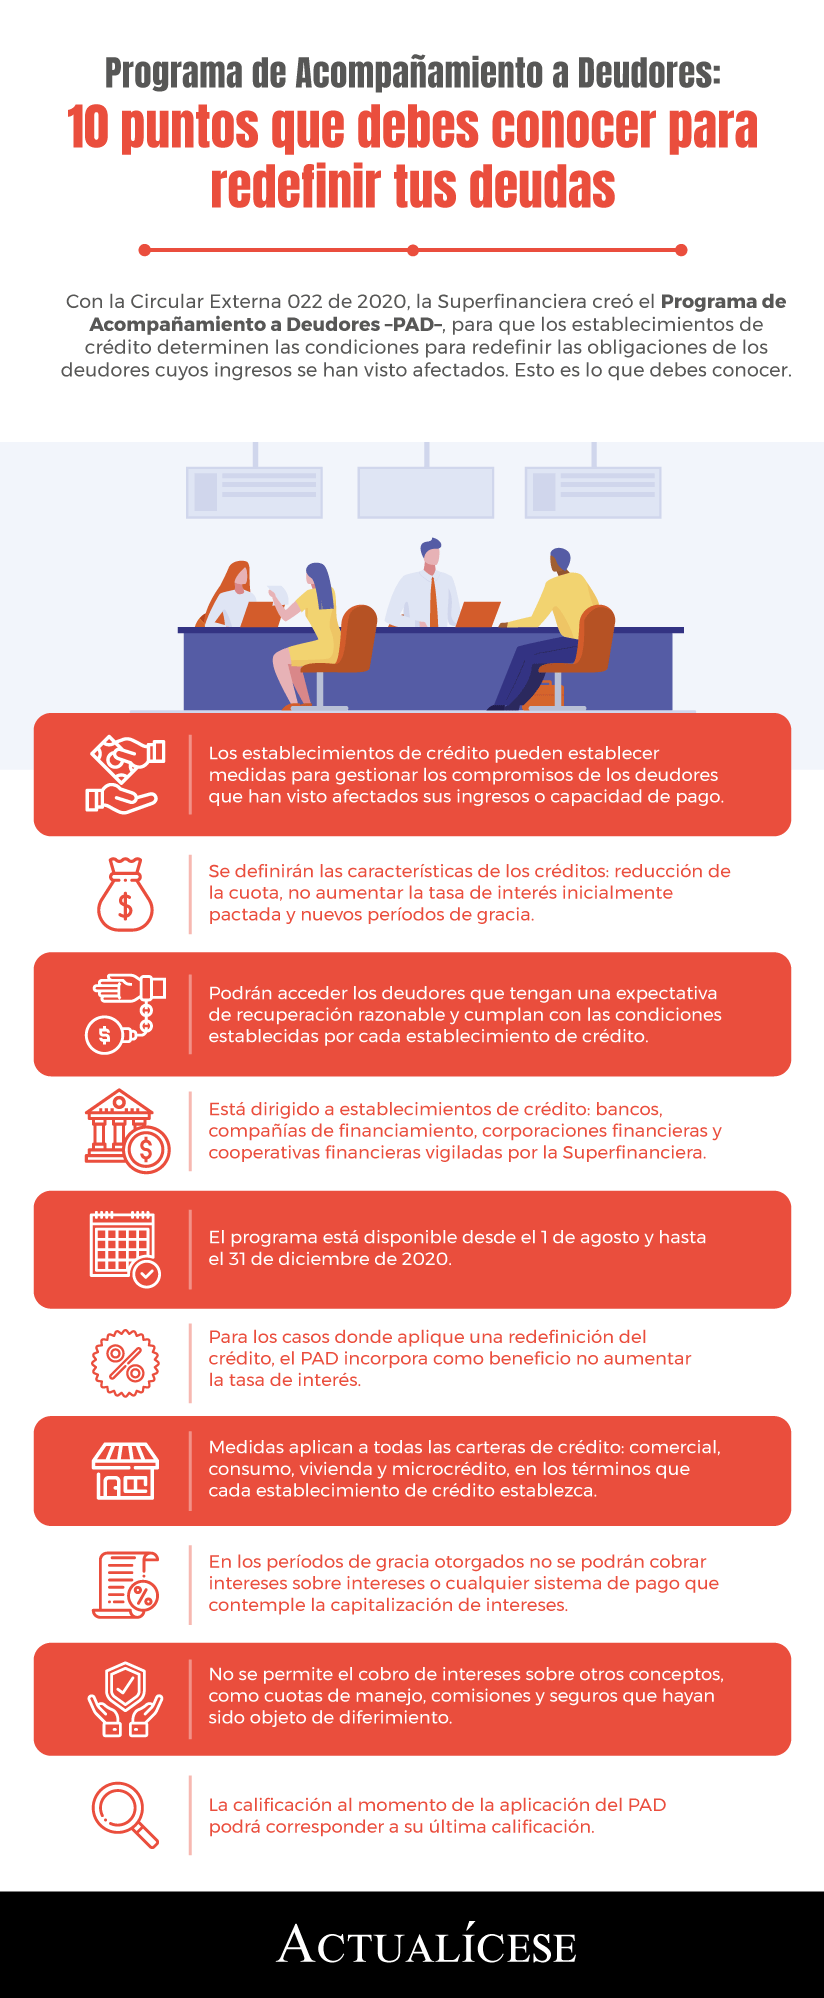 [Infografía] Programa de Acompañamiento a Deudores: 10 puntos que debes conocer para redefinir tus deudas